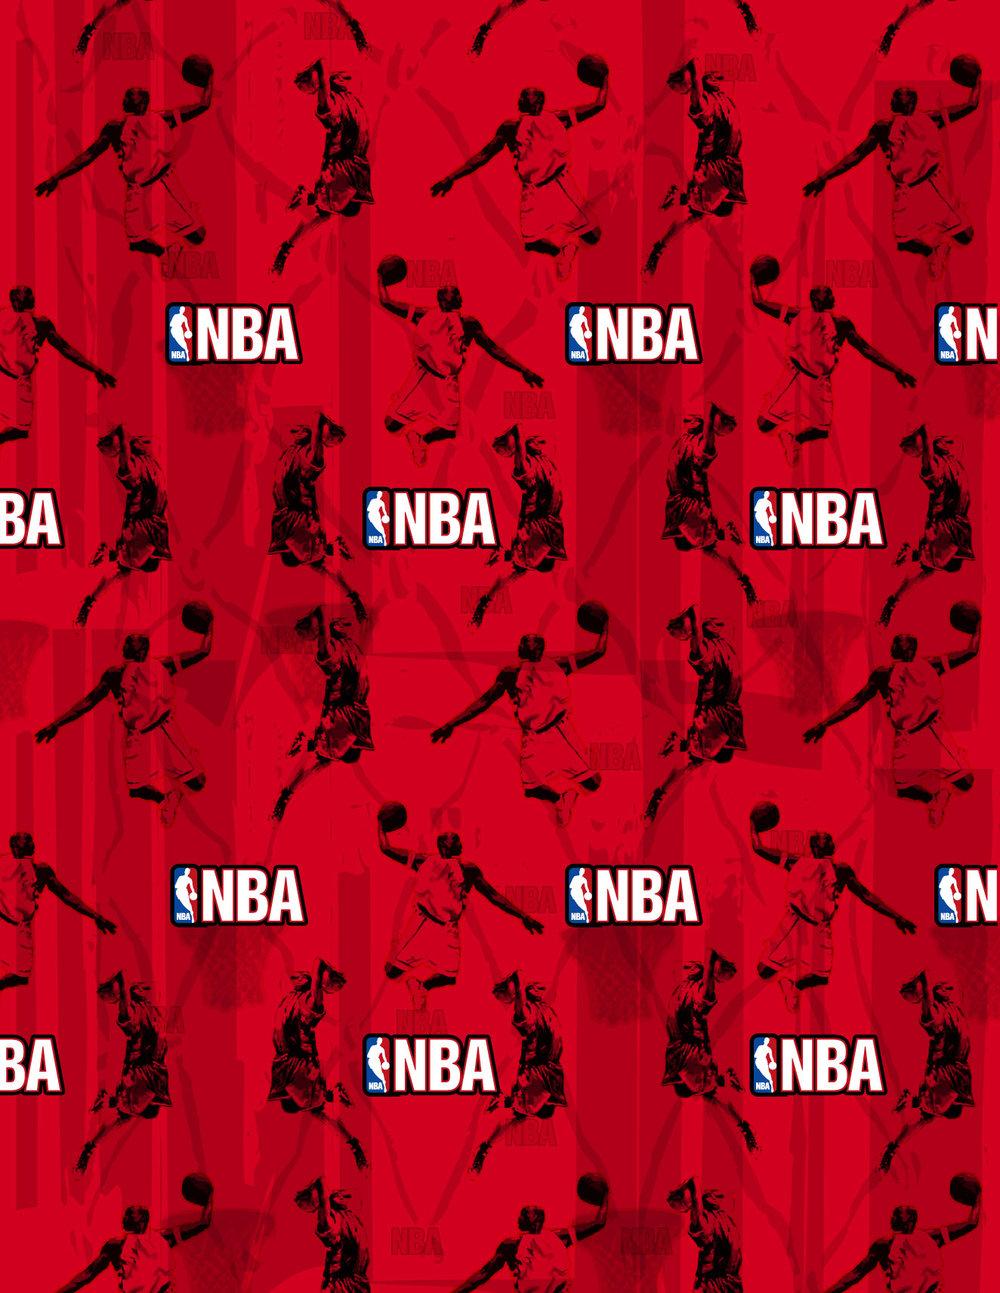 NBA-2-SHEET.jpg